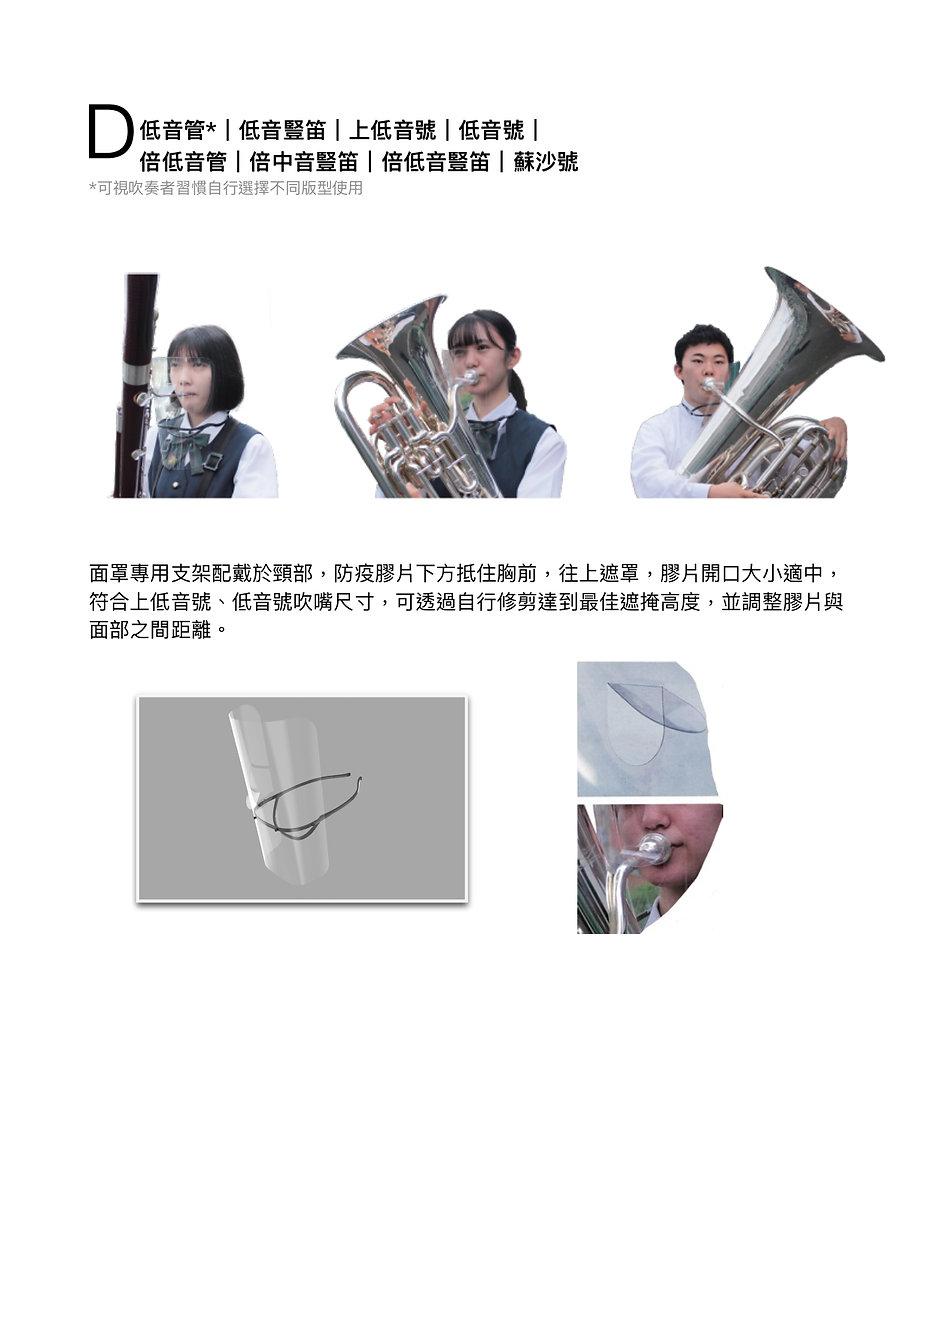 卡穠 - 演奏(唱)專用面罩_page-0005.jpg